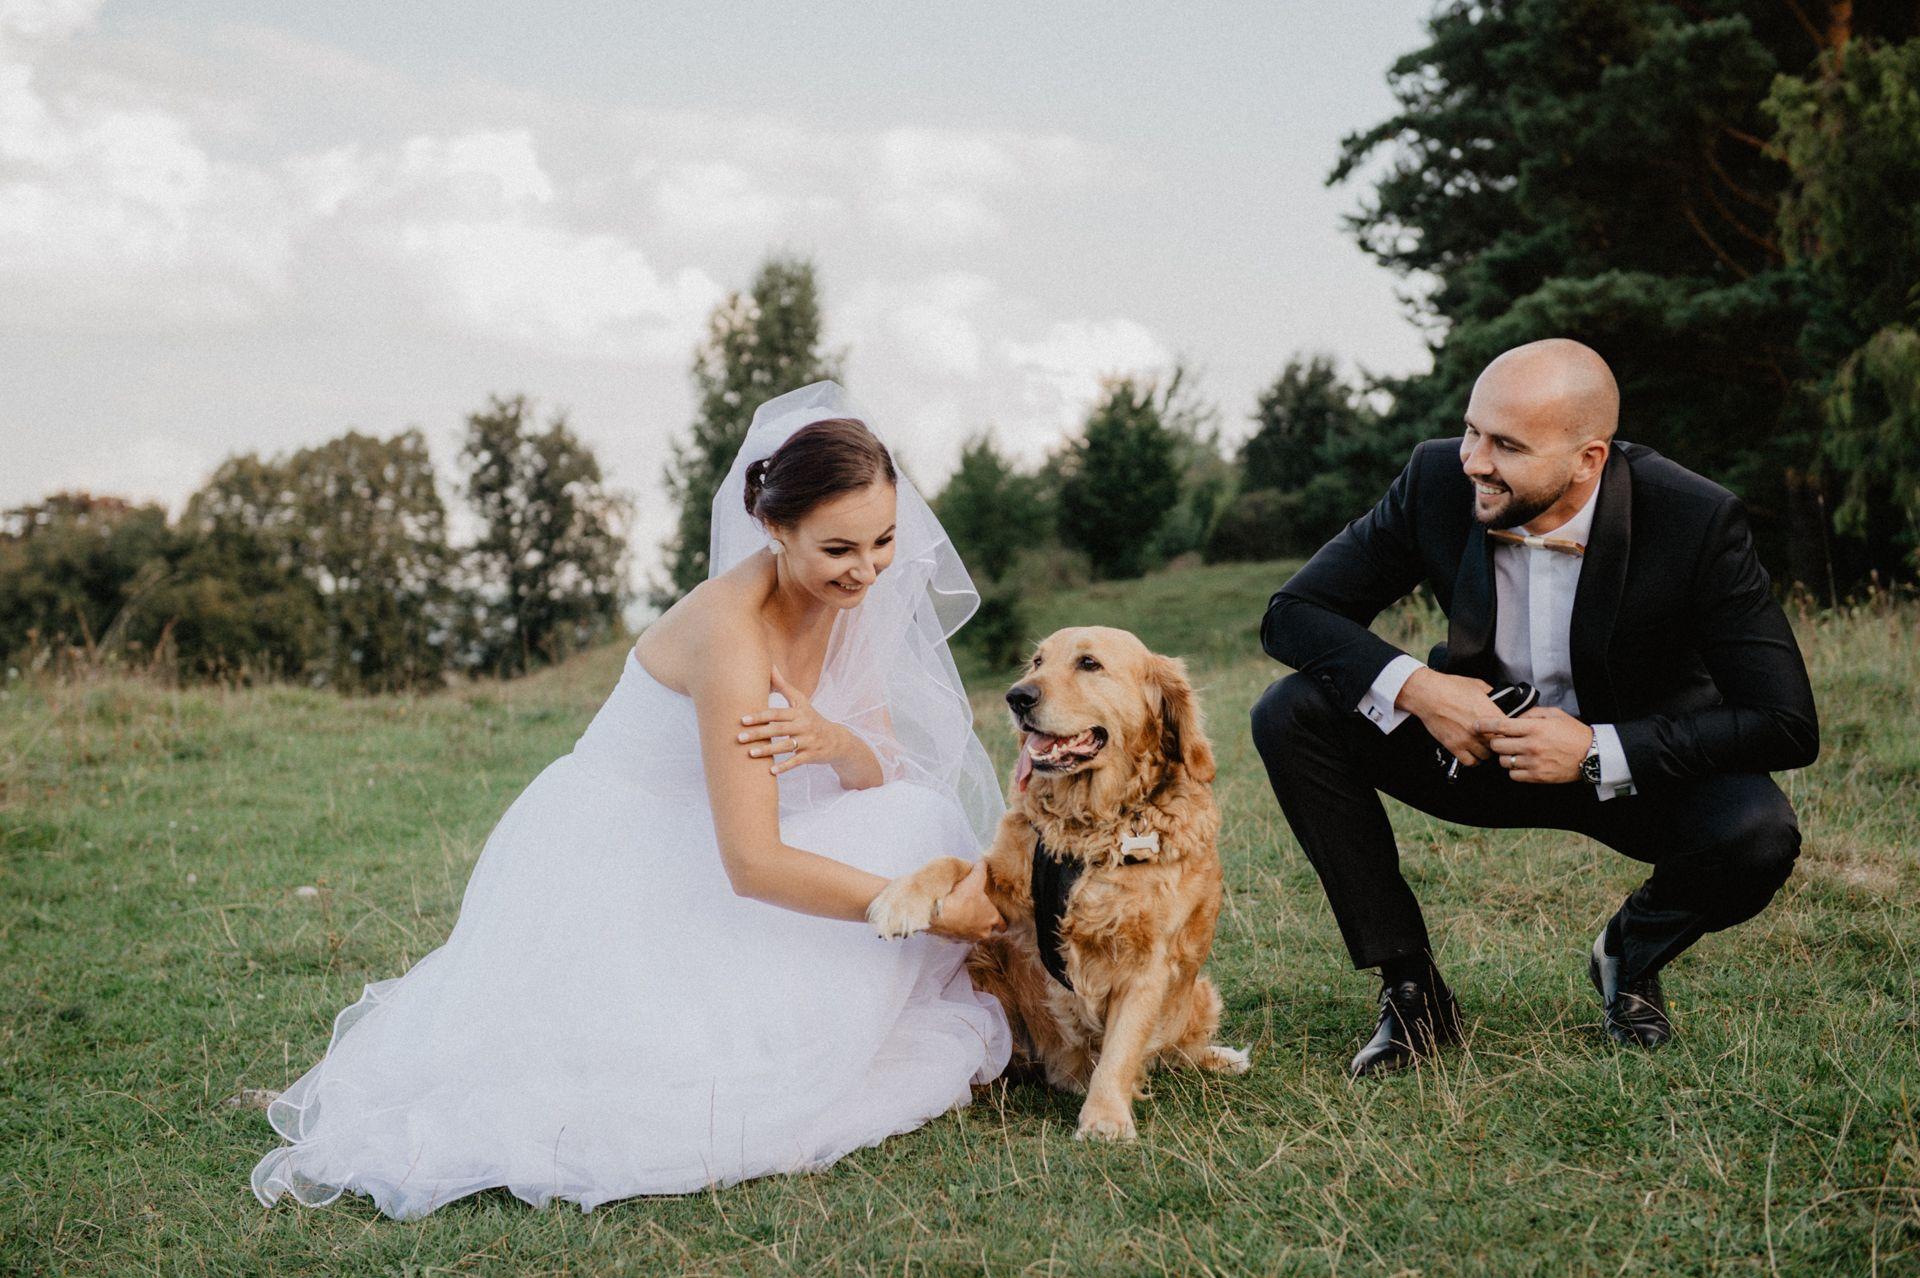 Nájomný fotograf pre Vašu svadbu